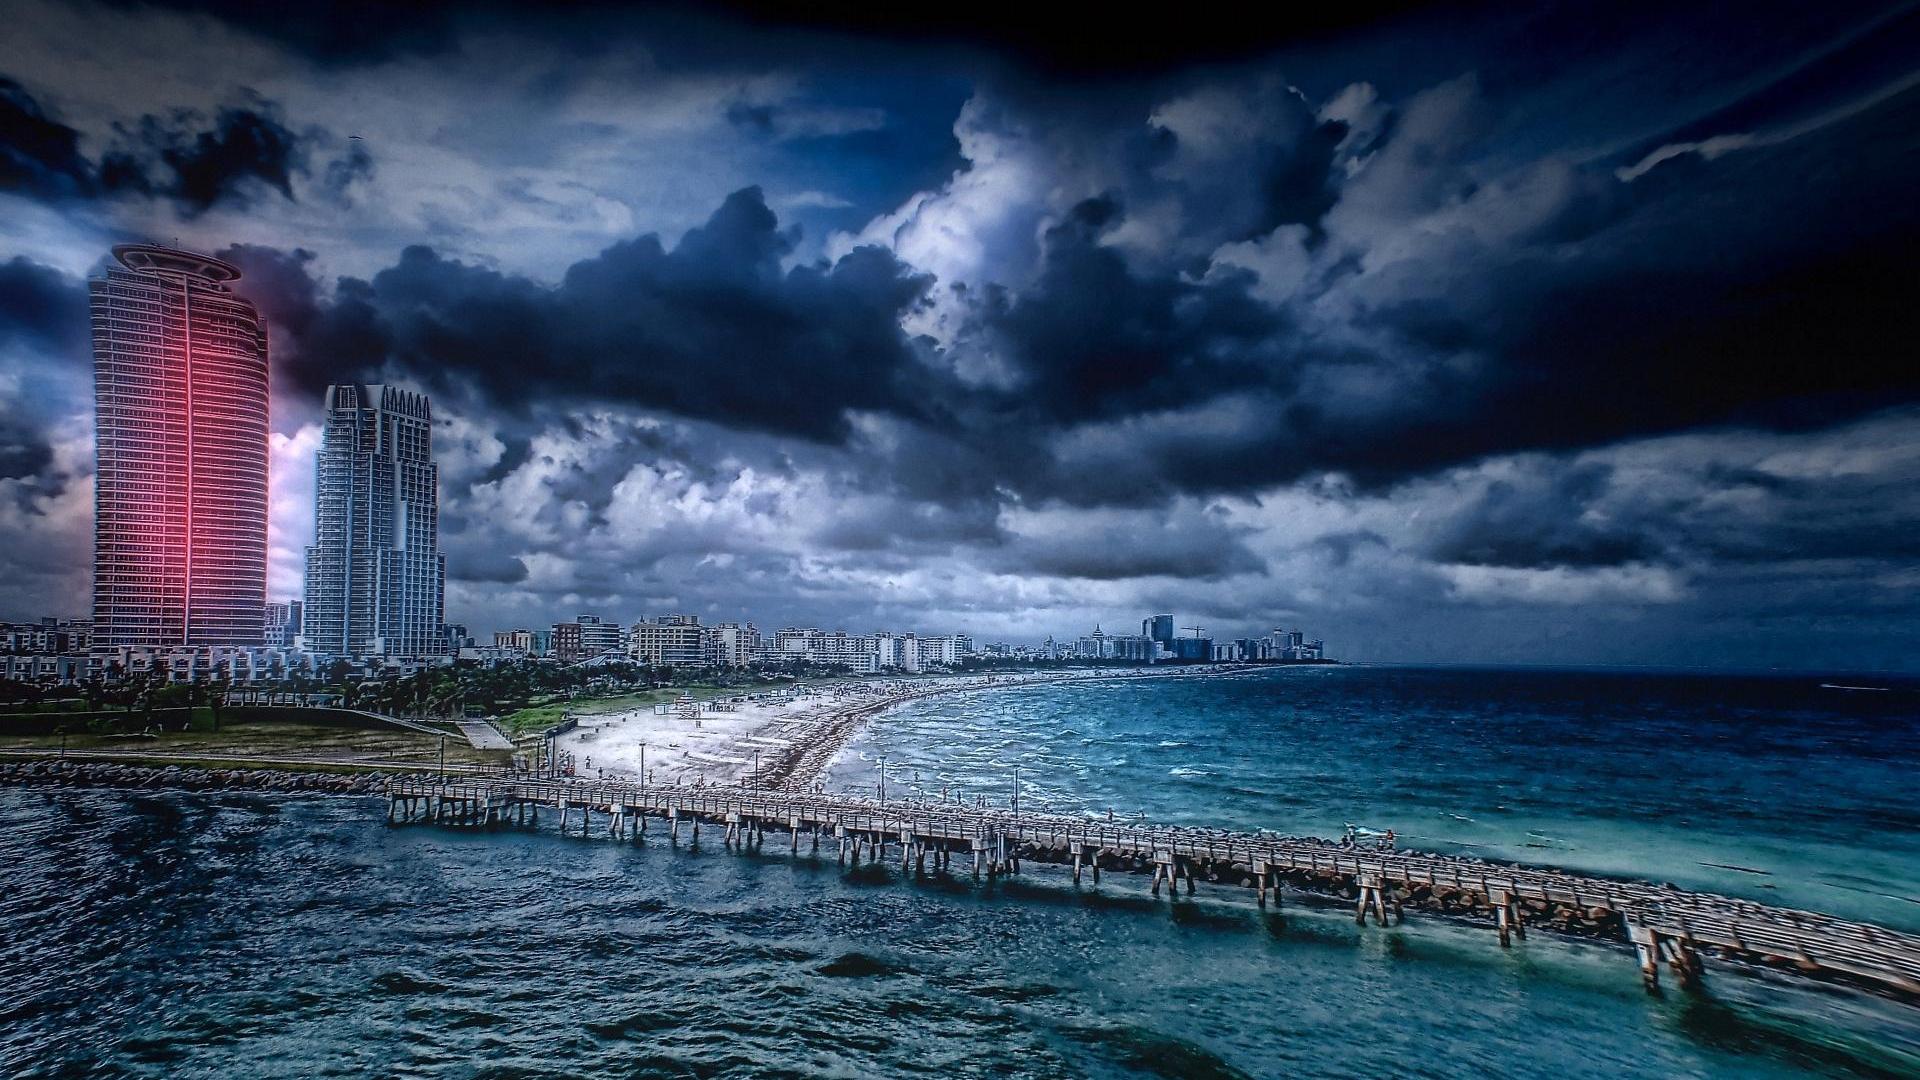 Beach Thunderstorm Wallpaper: Virginia Beach Wallpaper Desktop